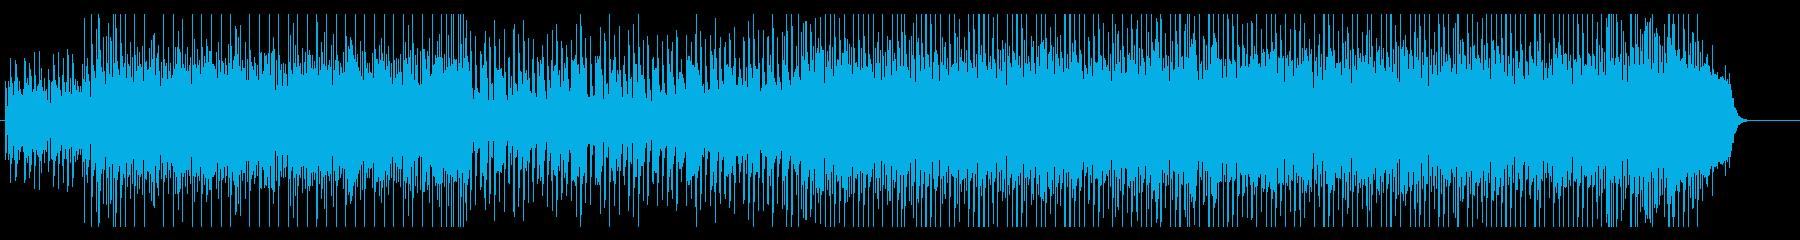 きよしこの夜 ライトテクノ カラオケの再生済みの波形